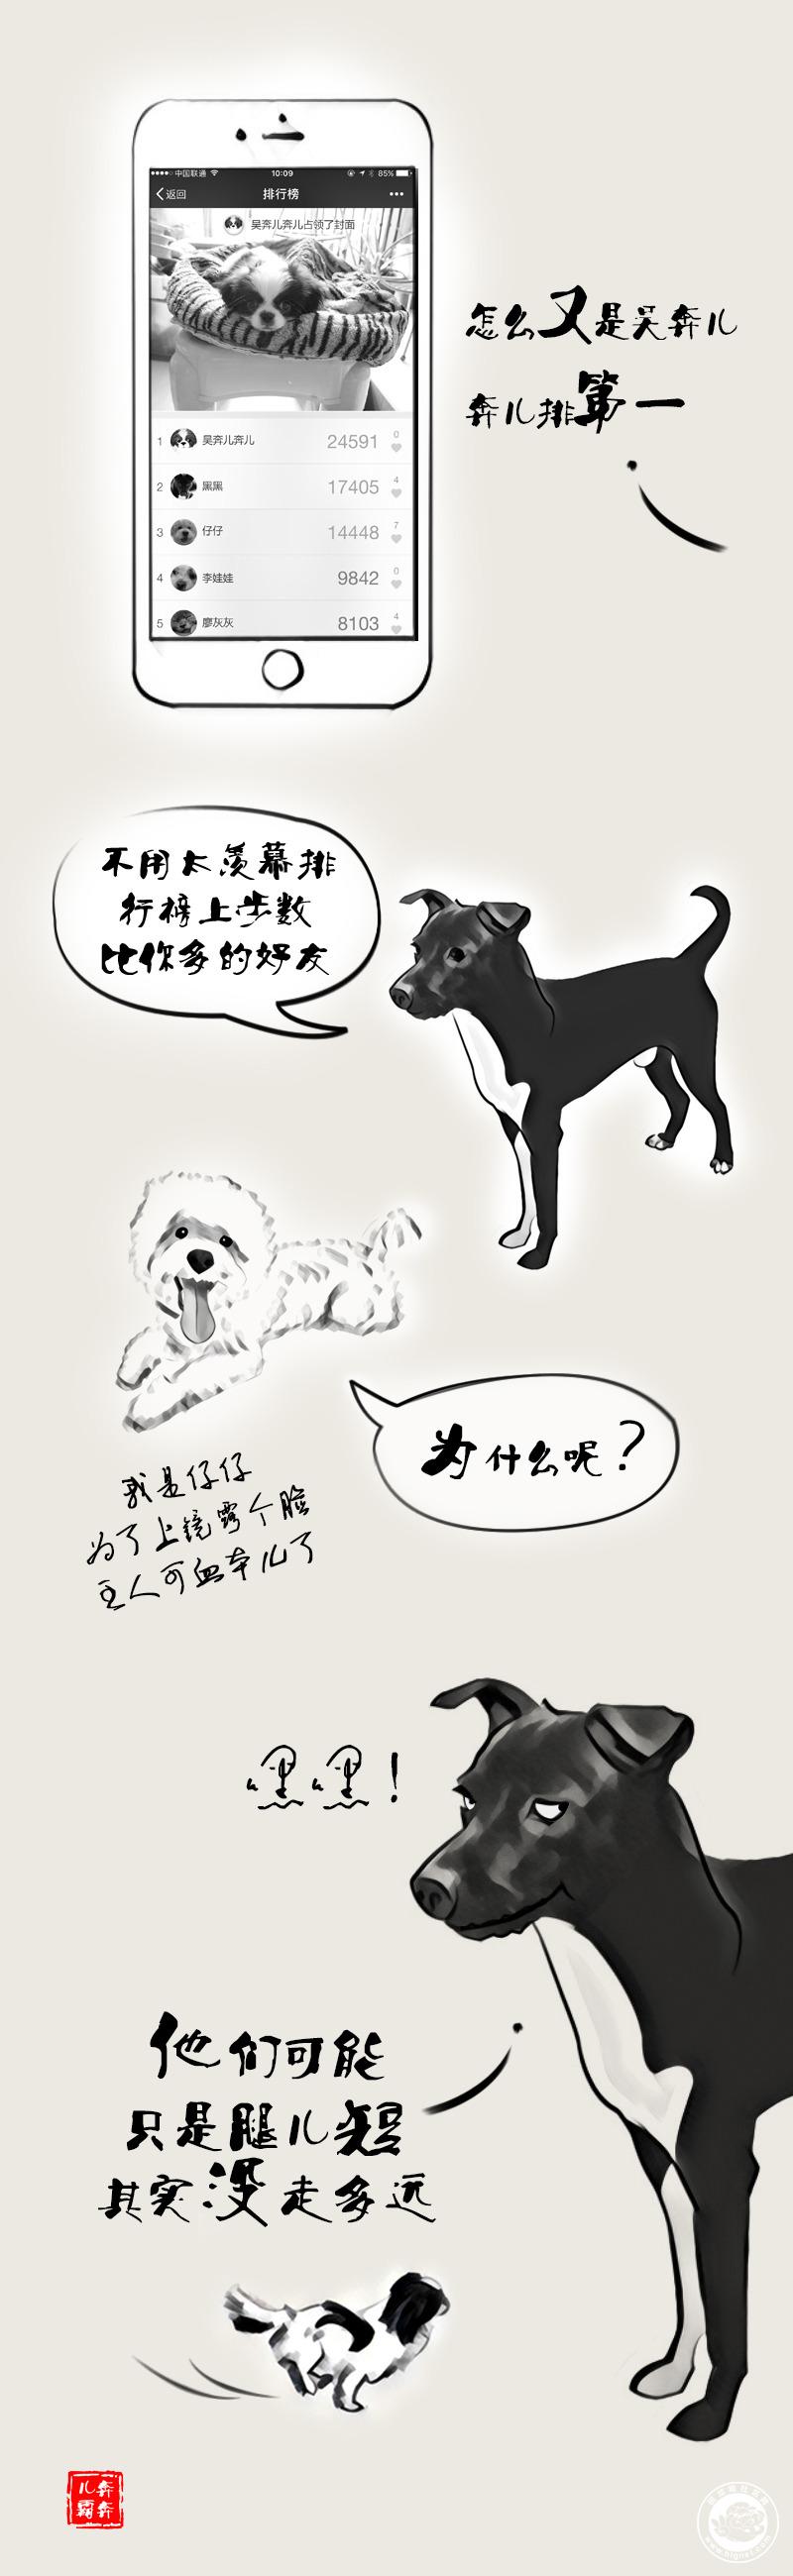 排行榜_定稿连环画.jpg